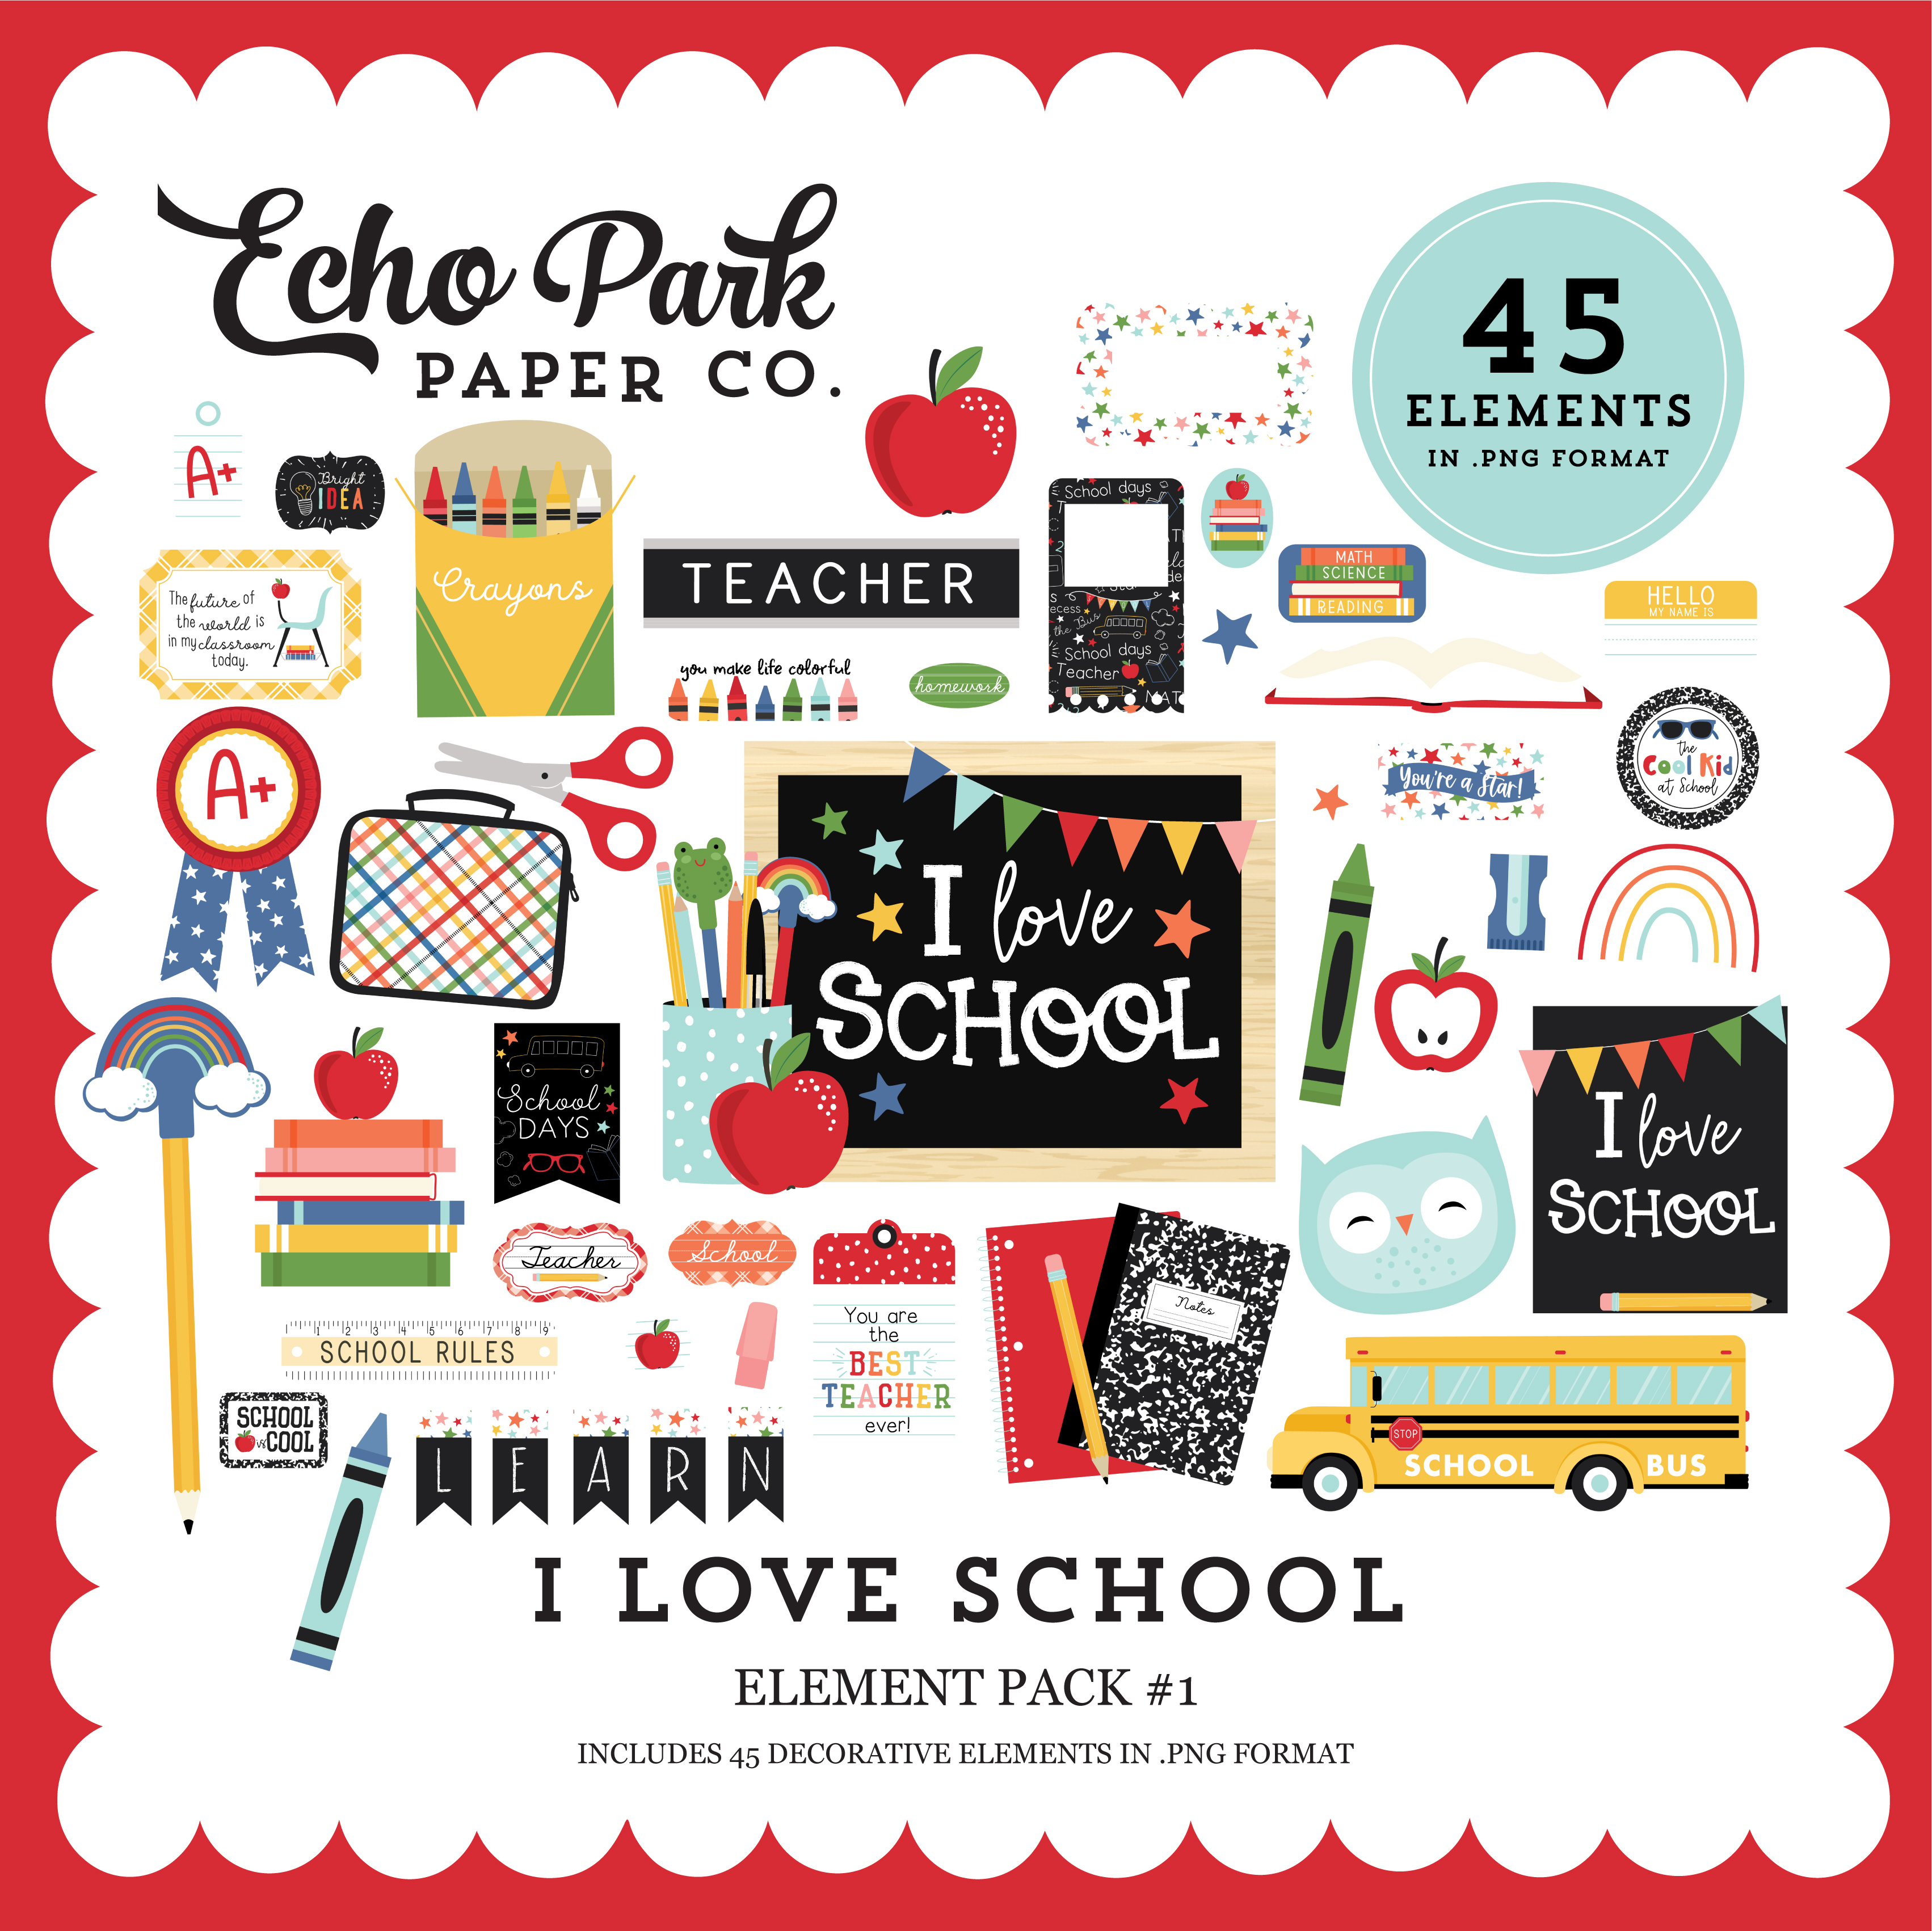 I Love School Element Pack #1